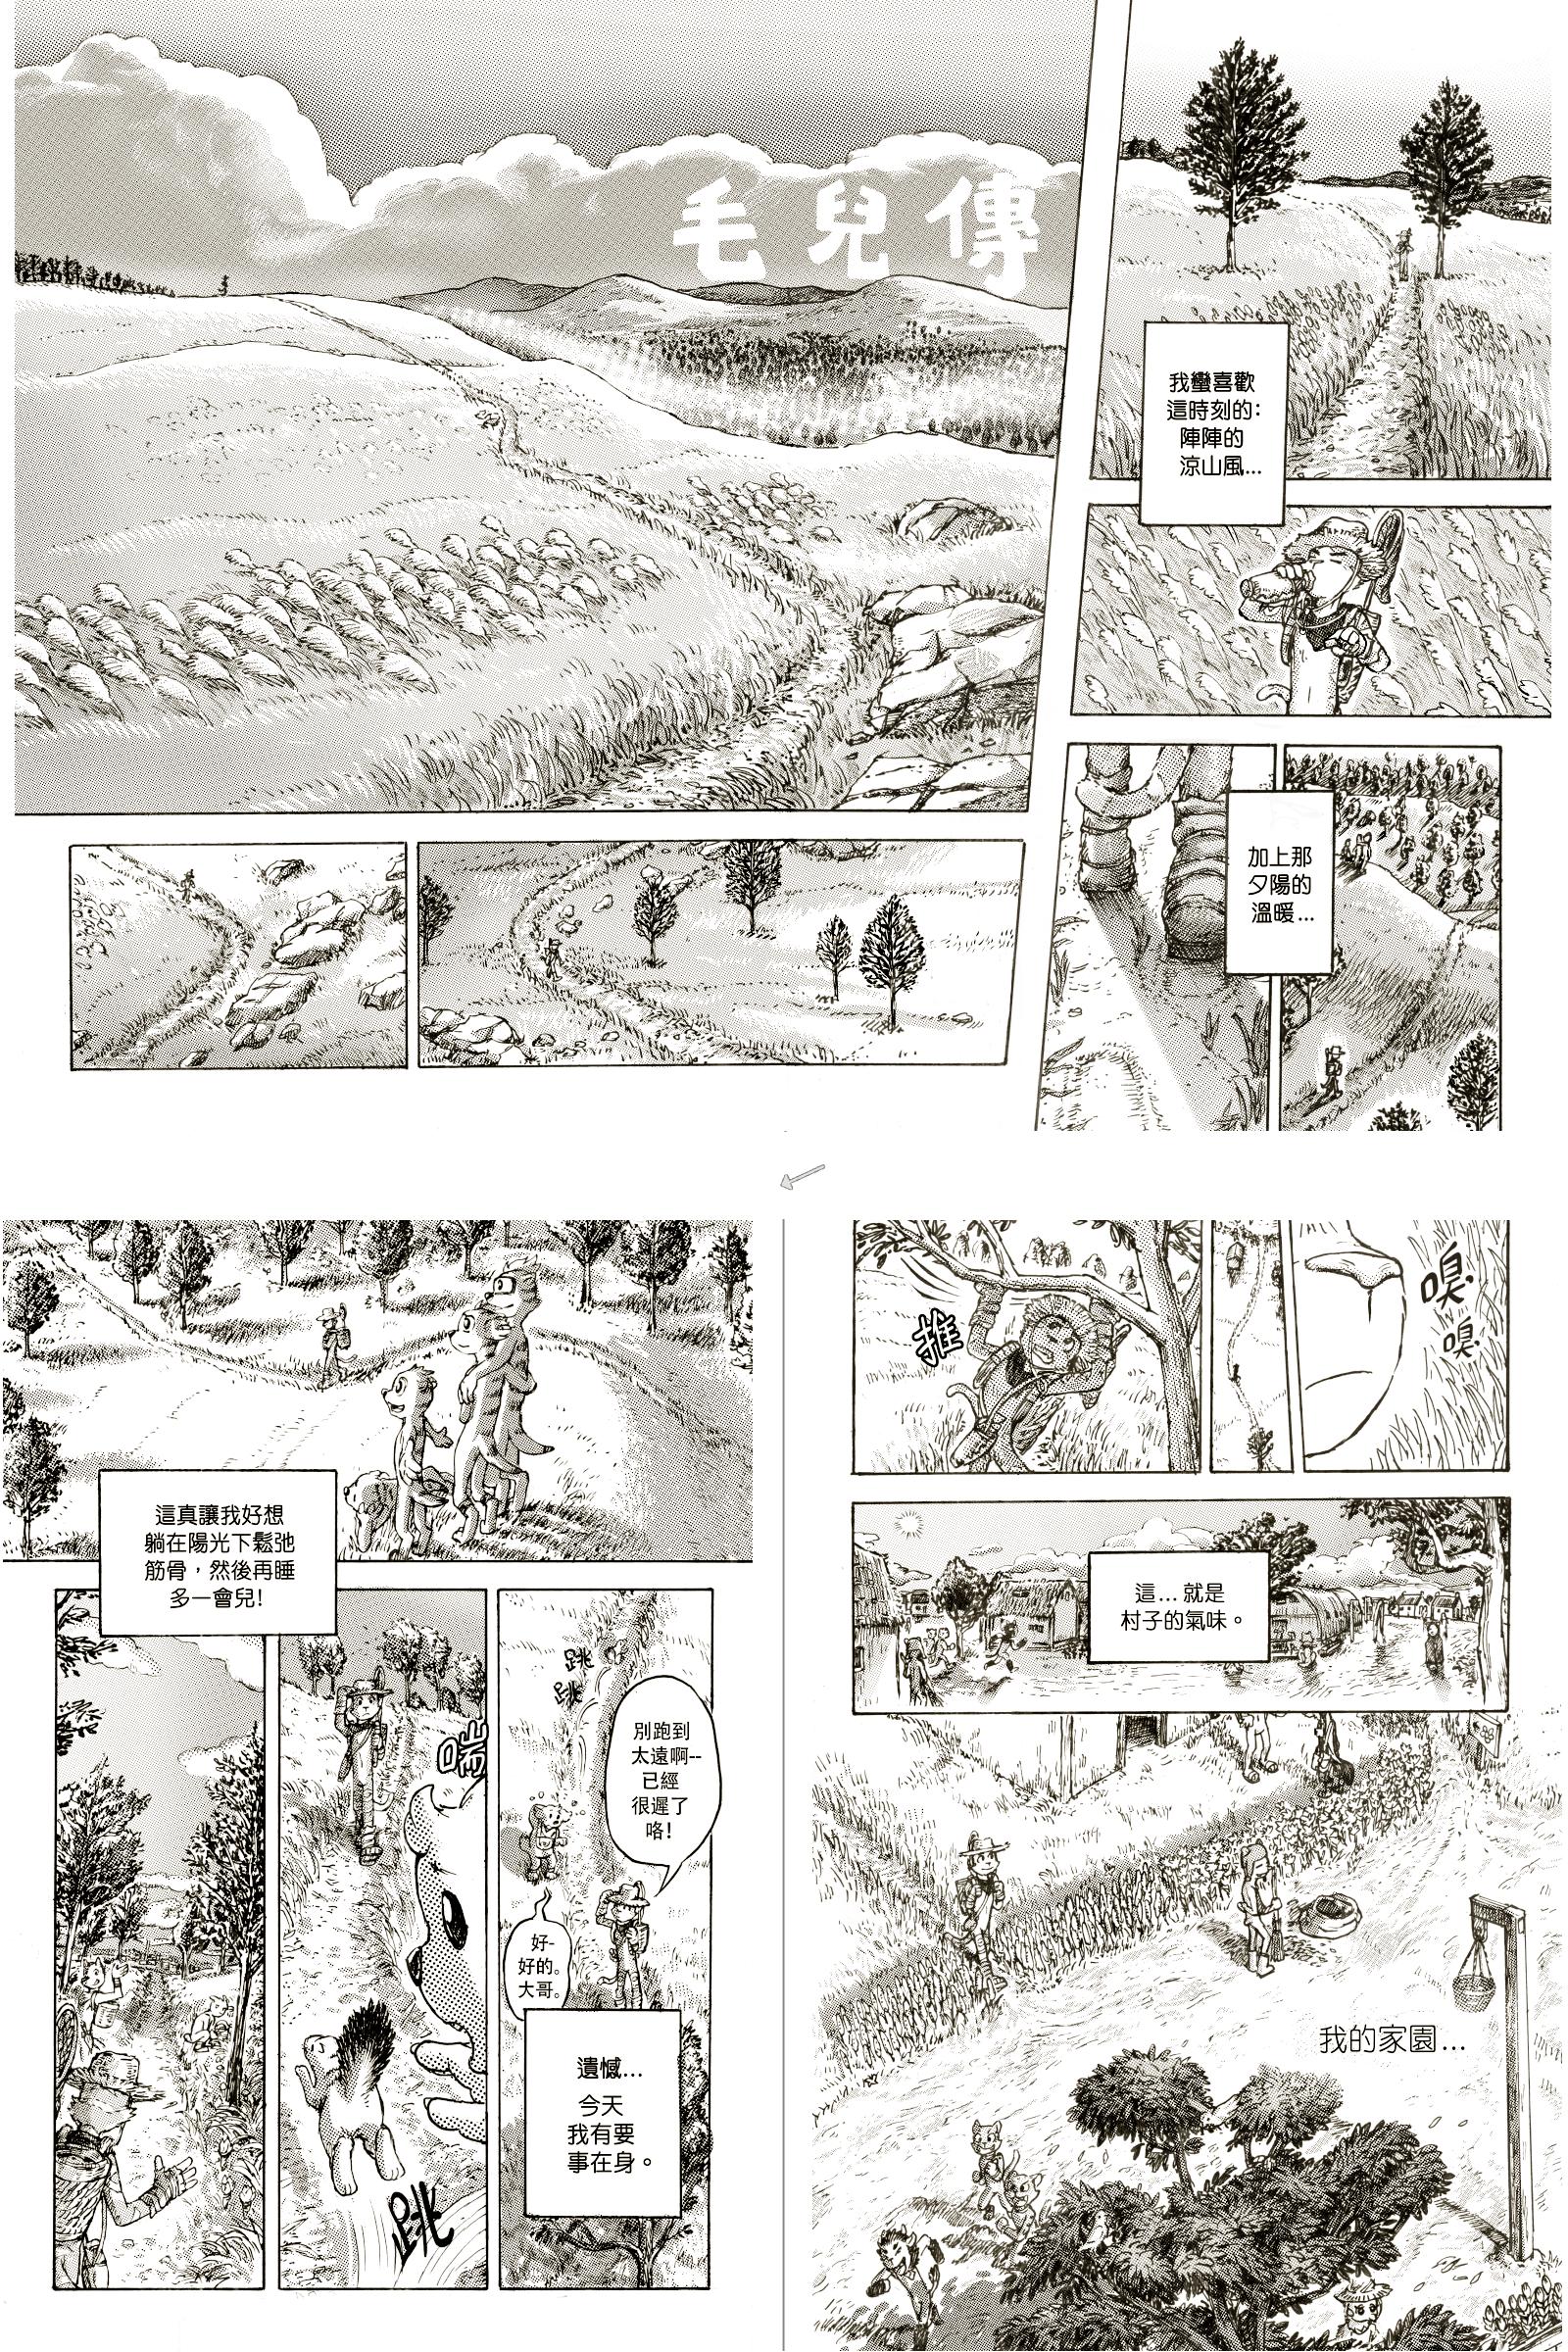 第 1 話 — (6)